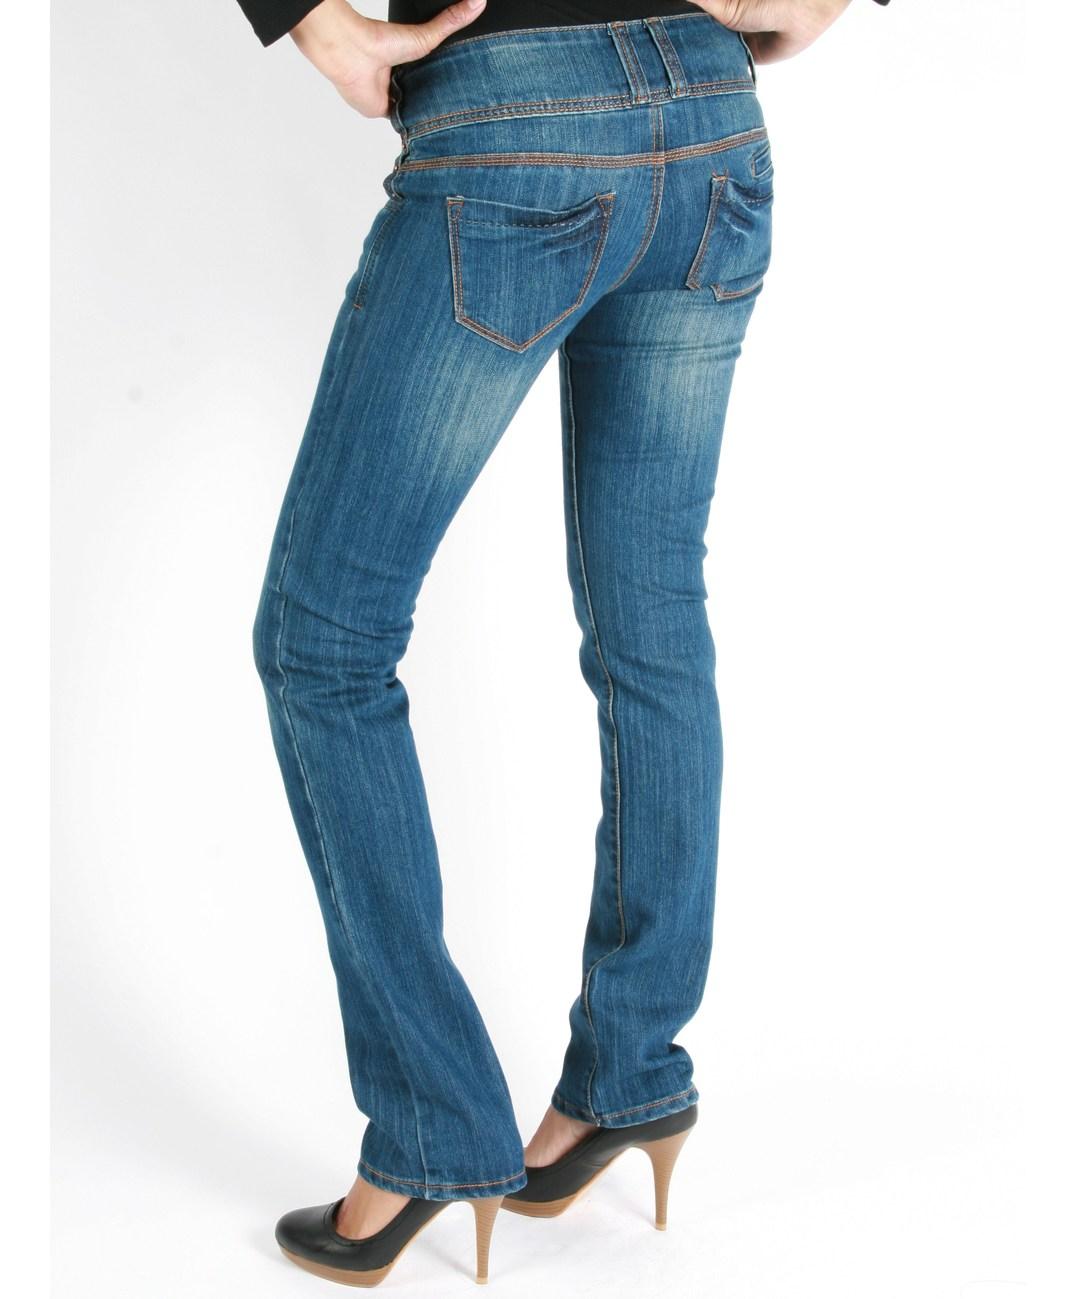 La veste en jean sur jean-femme.co